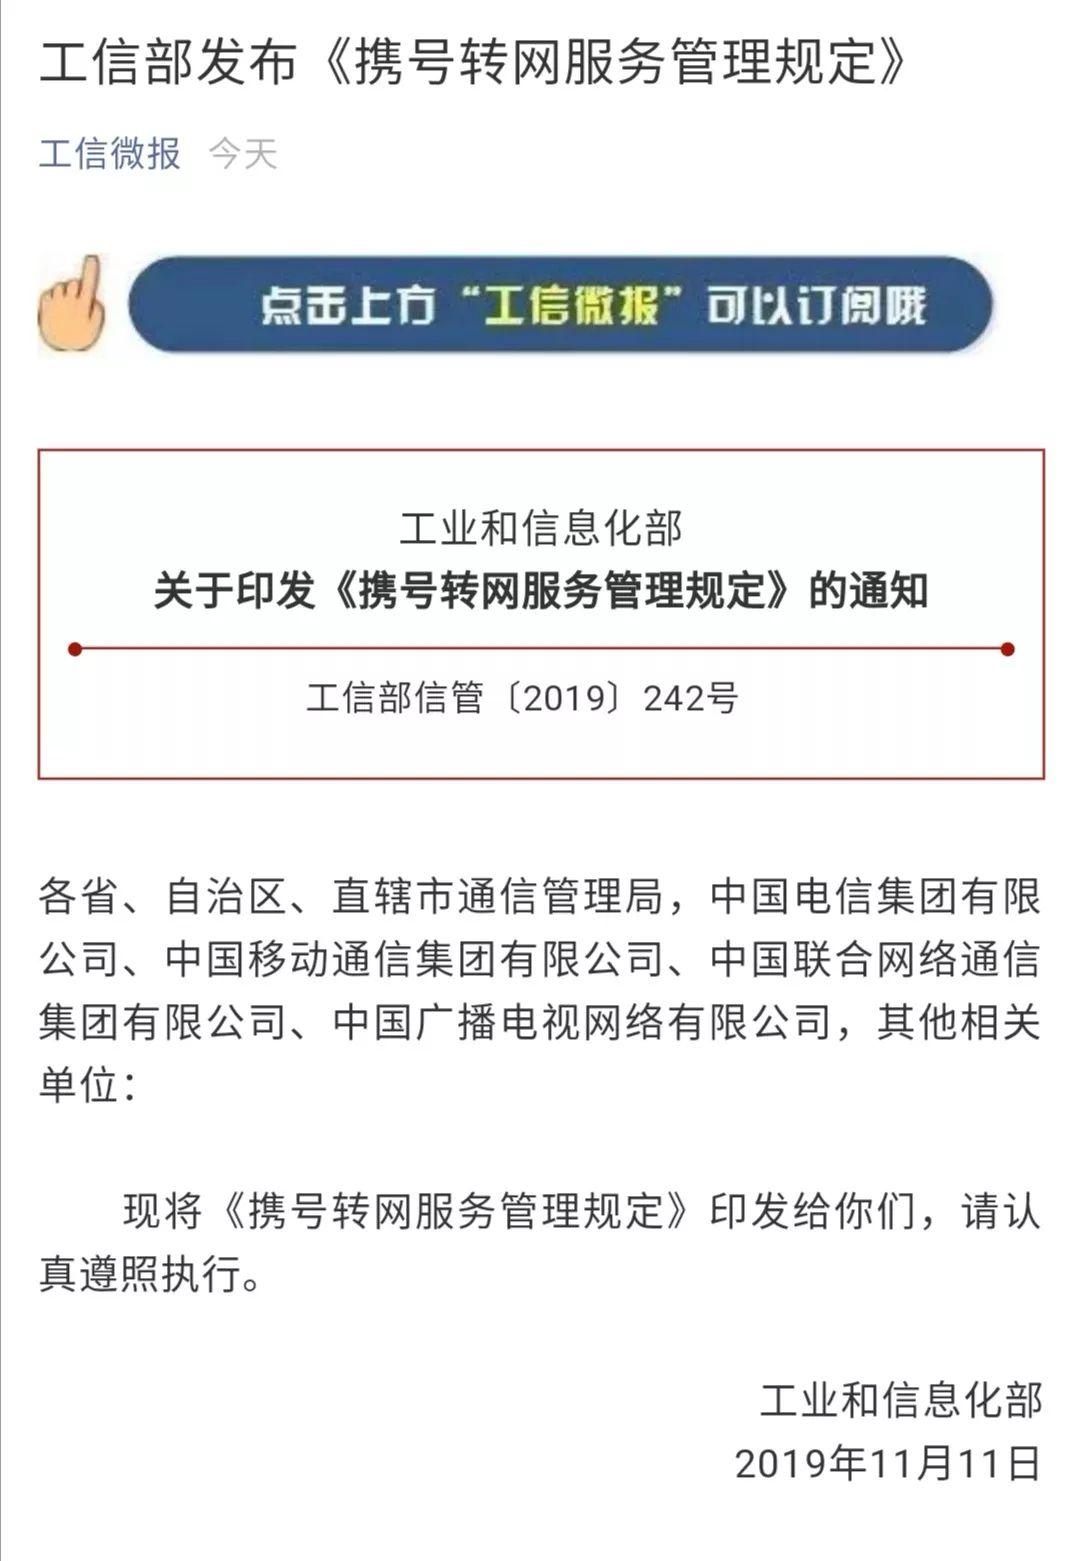 携号转网试运行 体验只需三步11月底正式提供服务